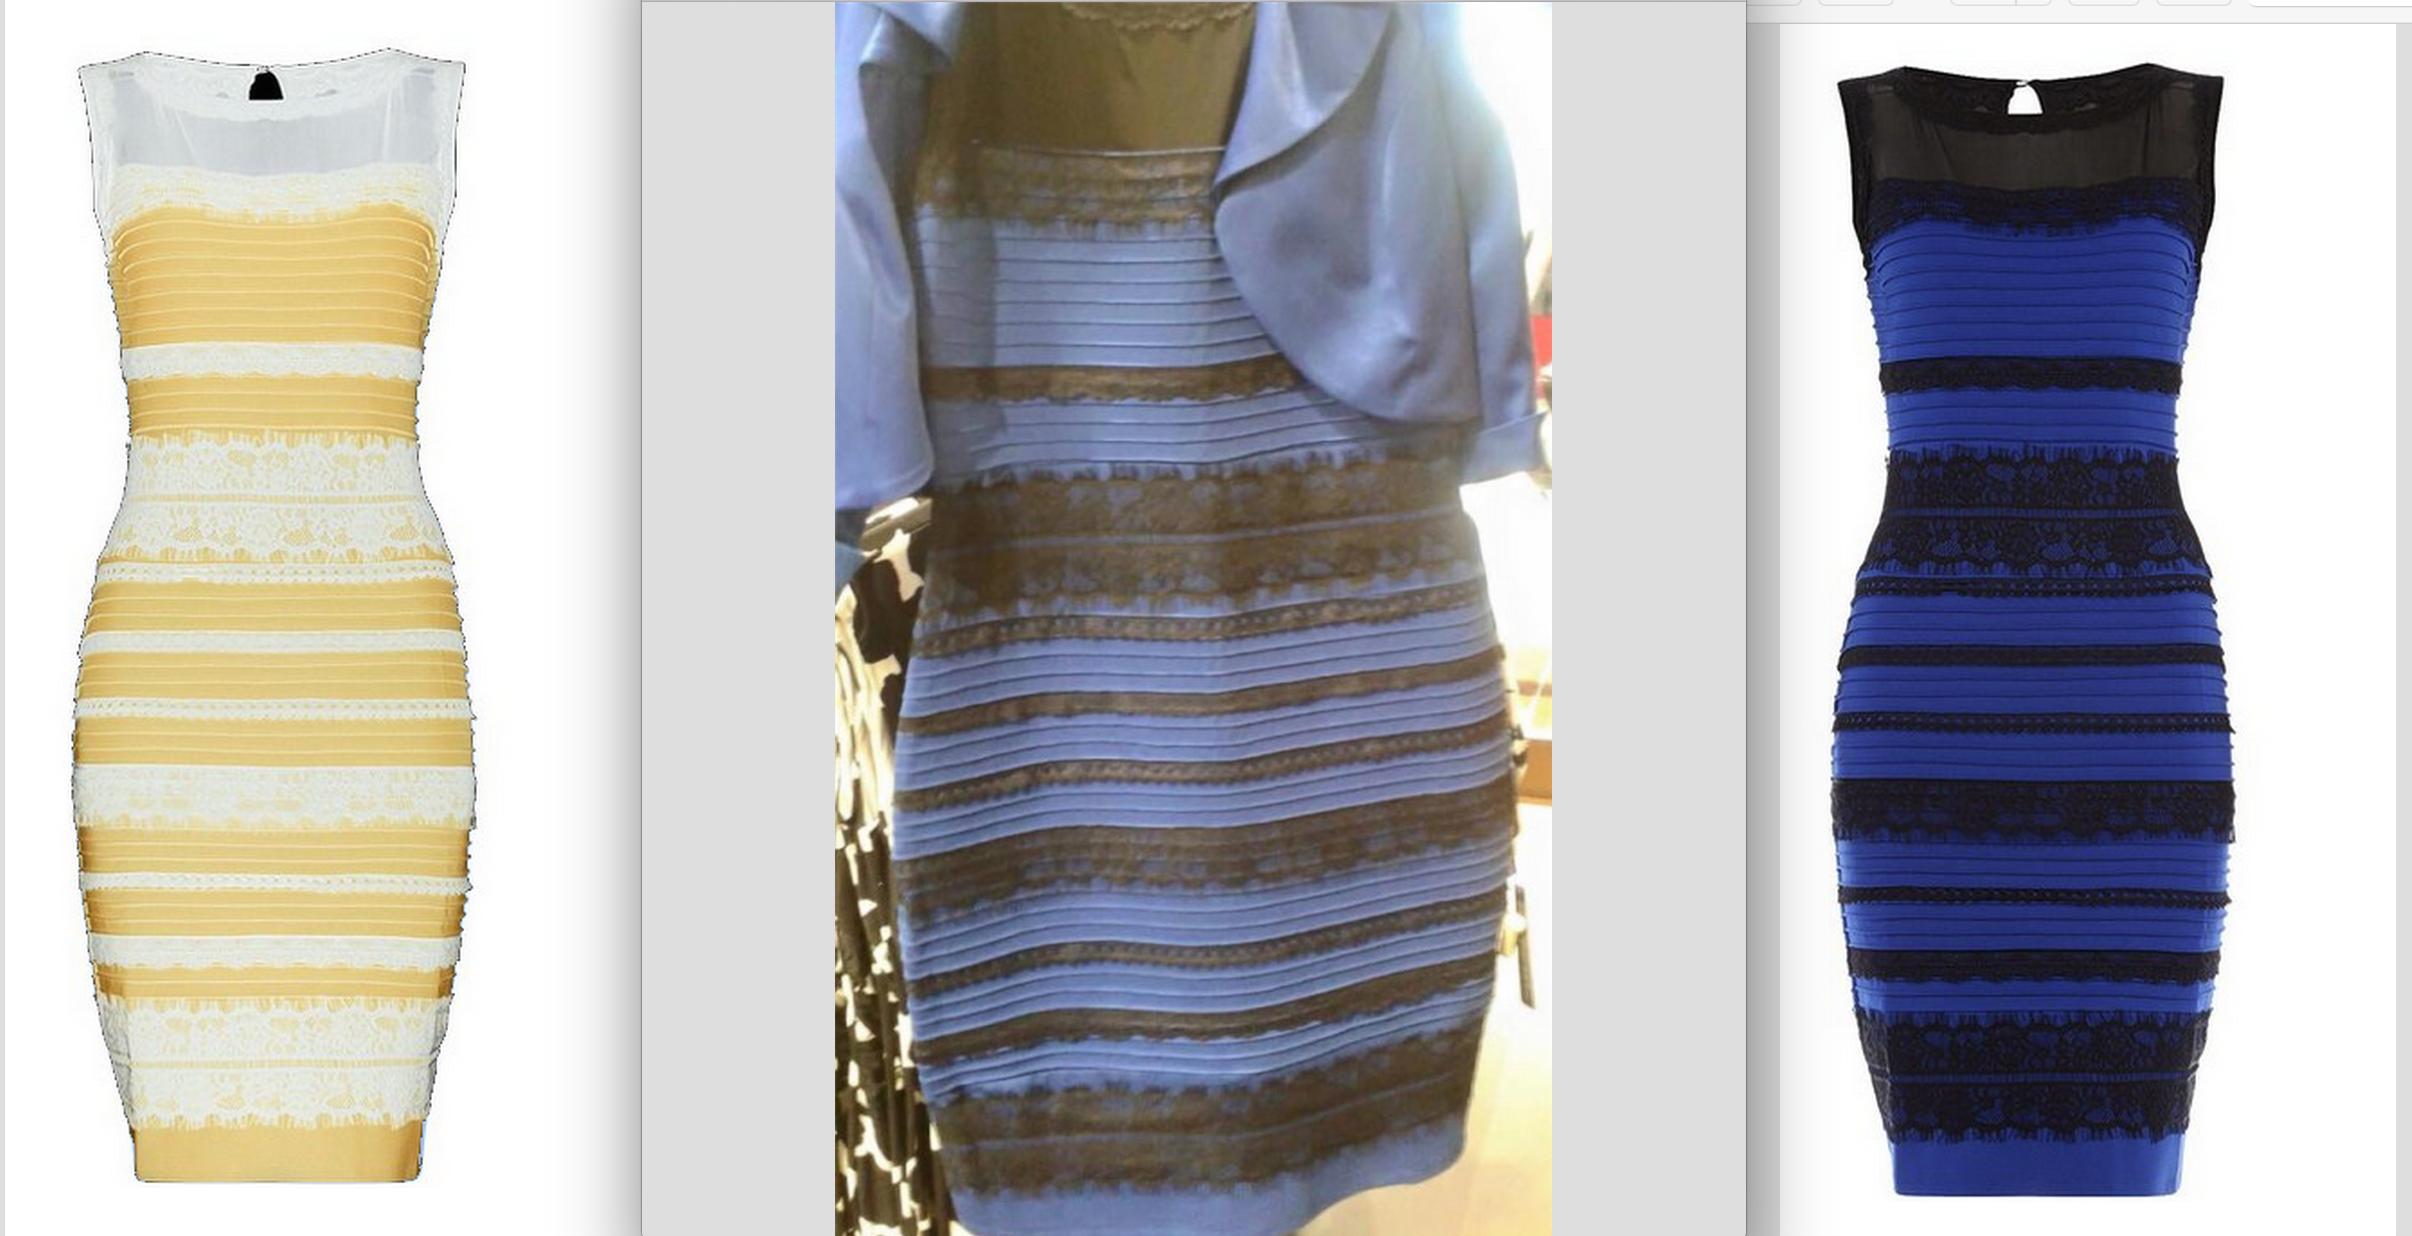 la couleur de cette robe rend internet fou sur le forum blabla 18 25 ans 27 02 2015 10 23 31. Black Bedroom Furniture Sets. Home Design Ideas